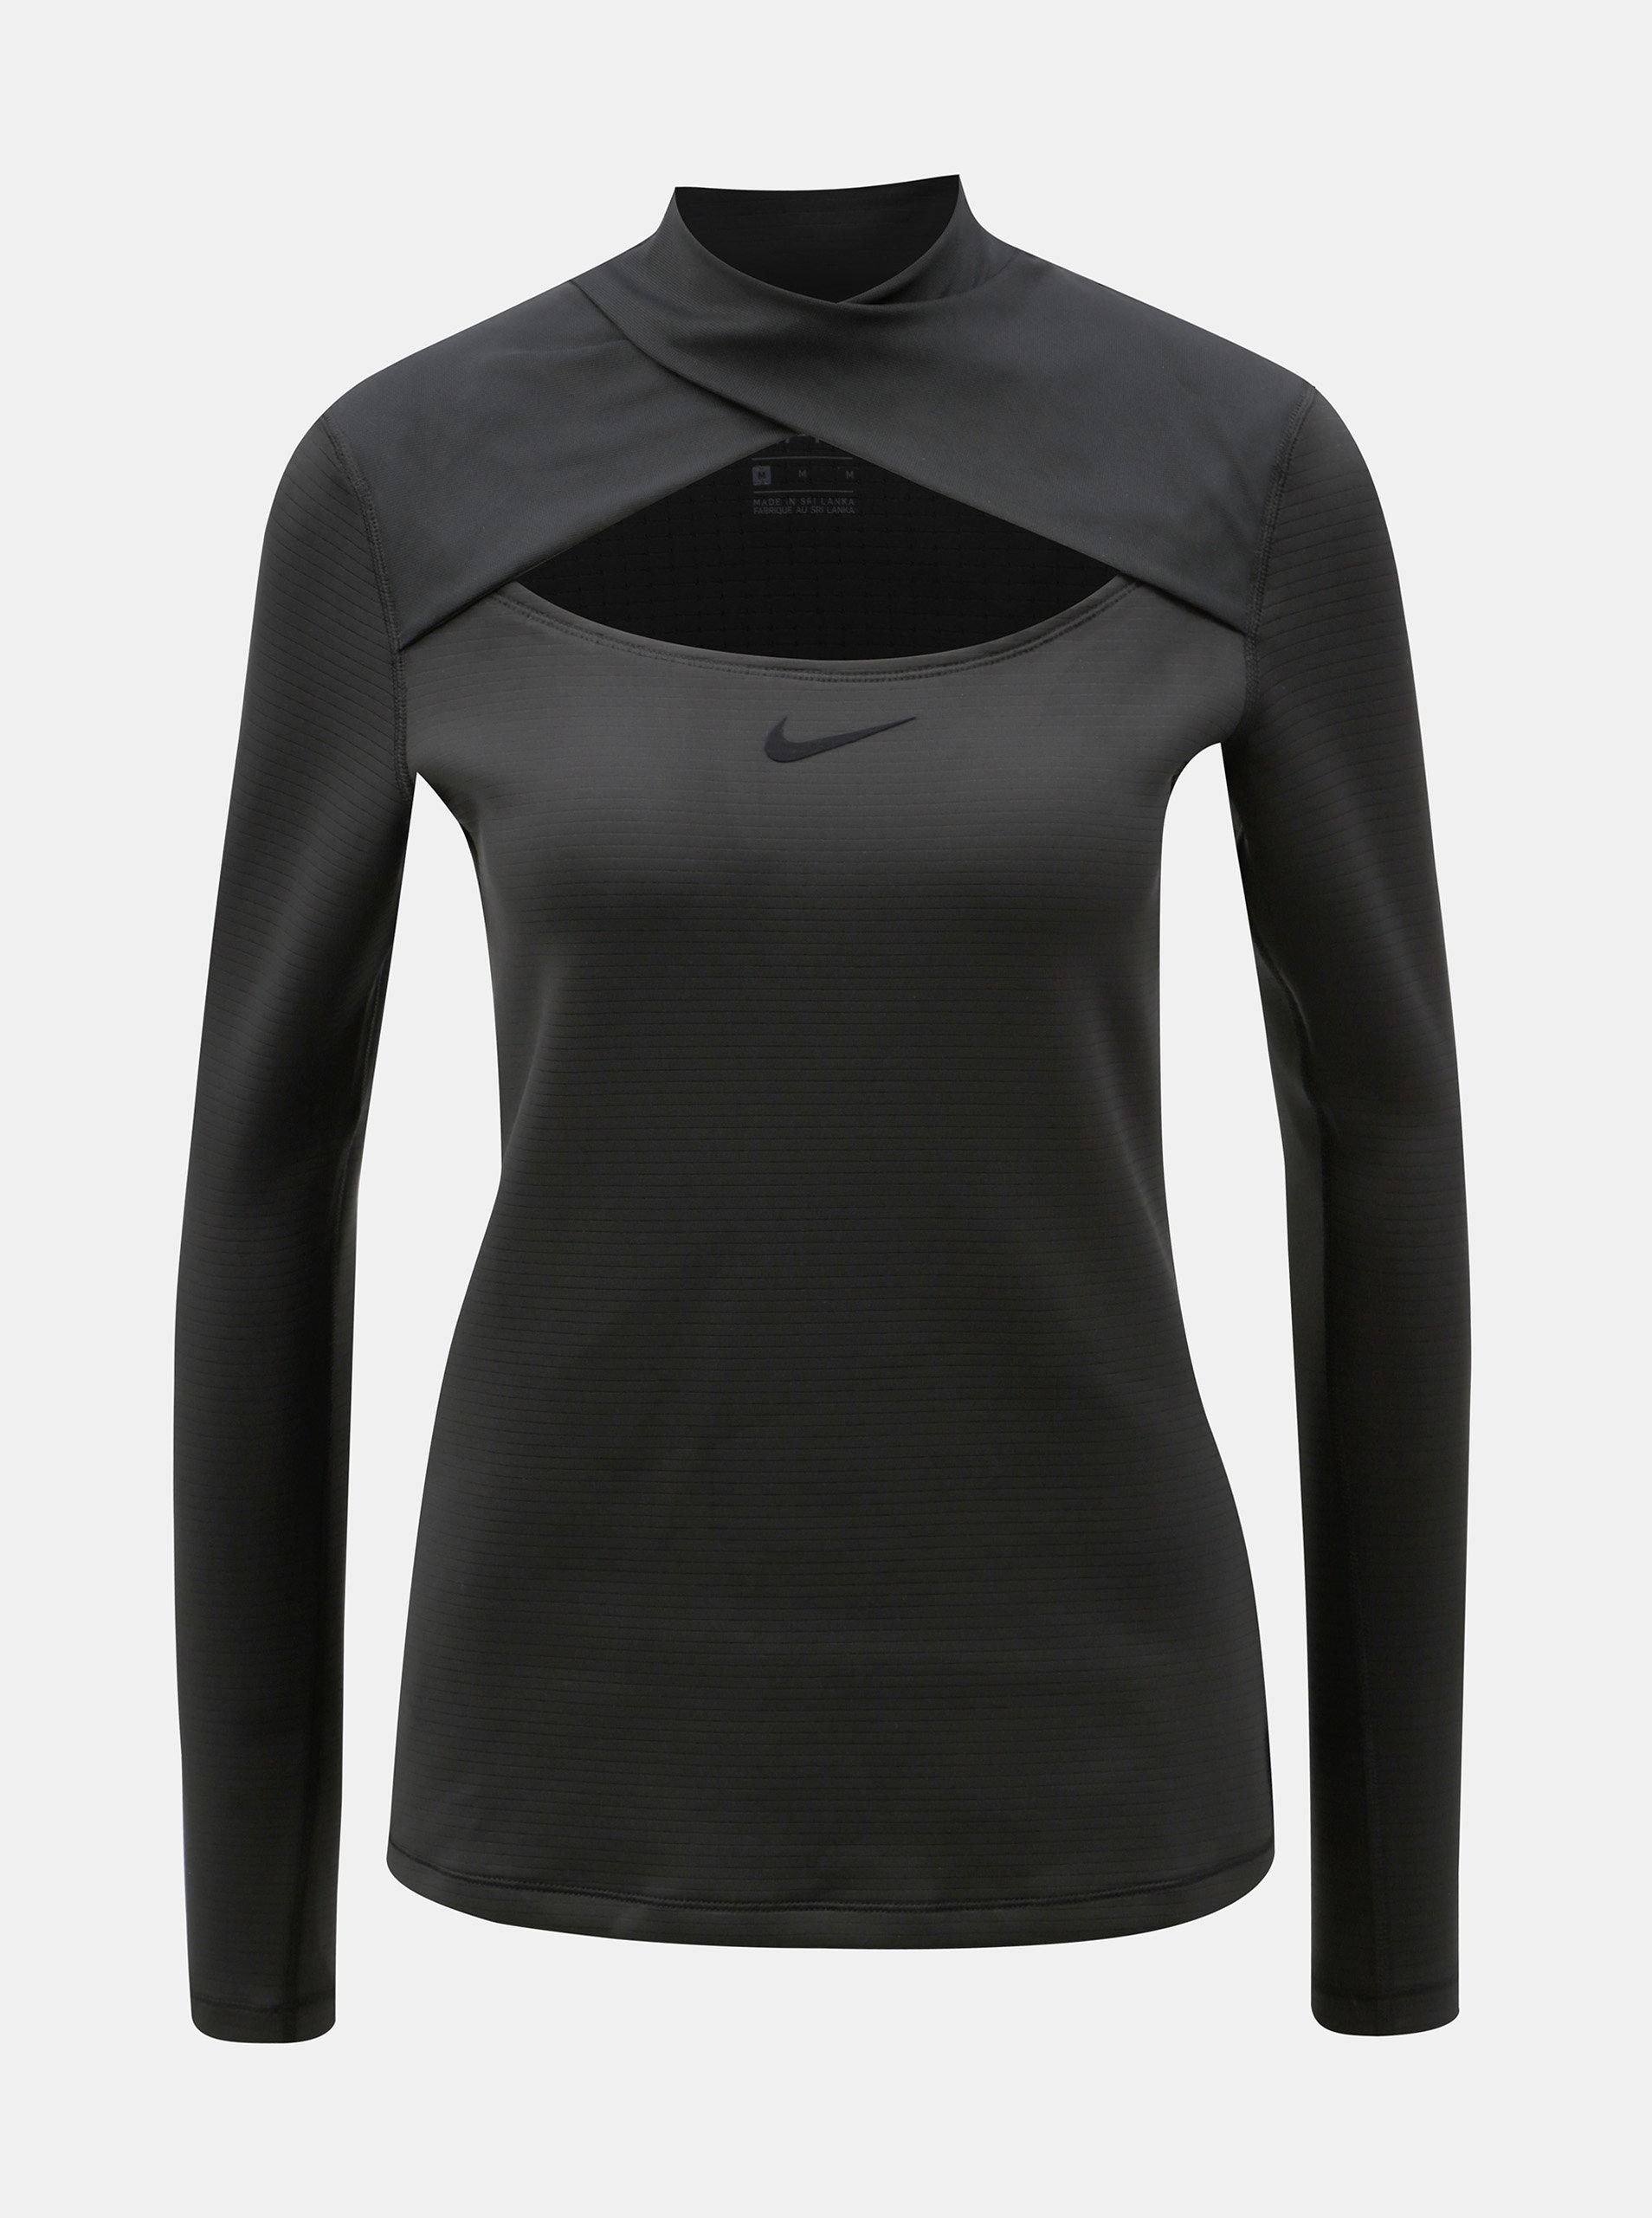 6492b3ef2 Čierne dámske funkčné tričko s prestrihom Nike   ZOOT.sk